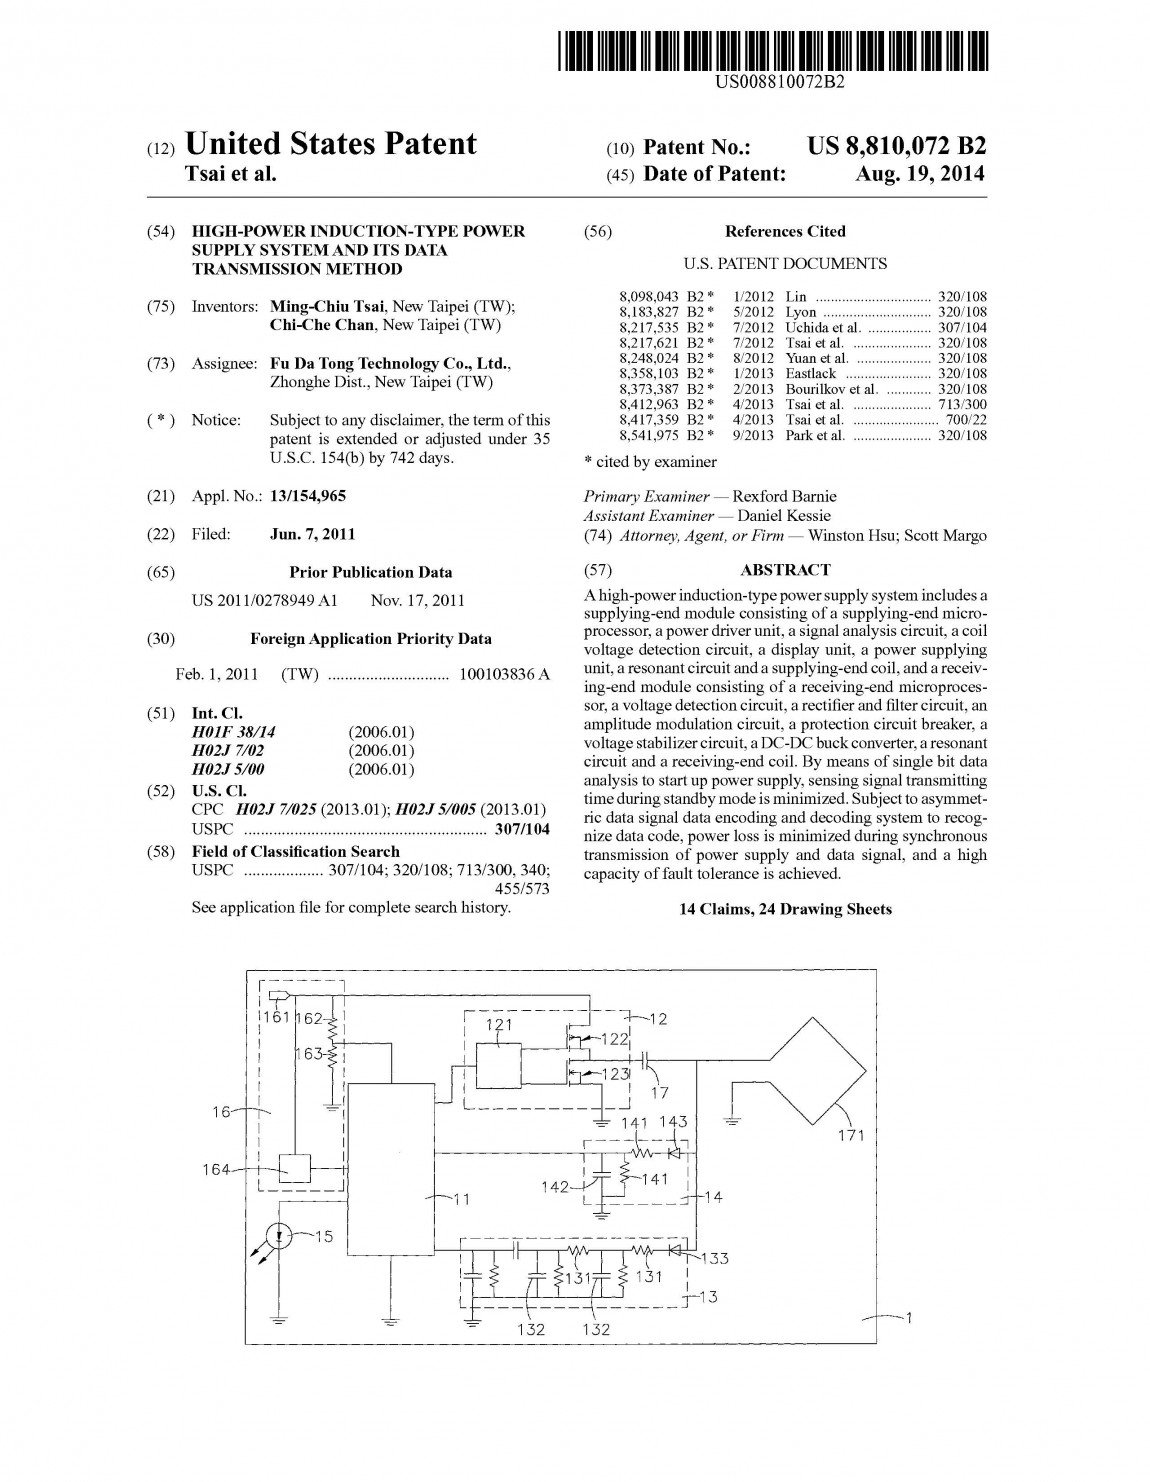 富達通專利08-高功率感應式電源供應器中資料傳輸之方法(美國)US8,810,072